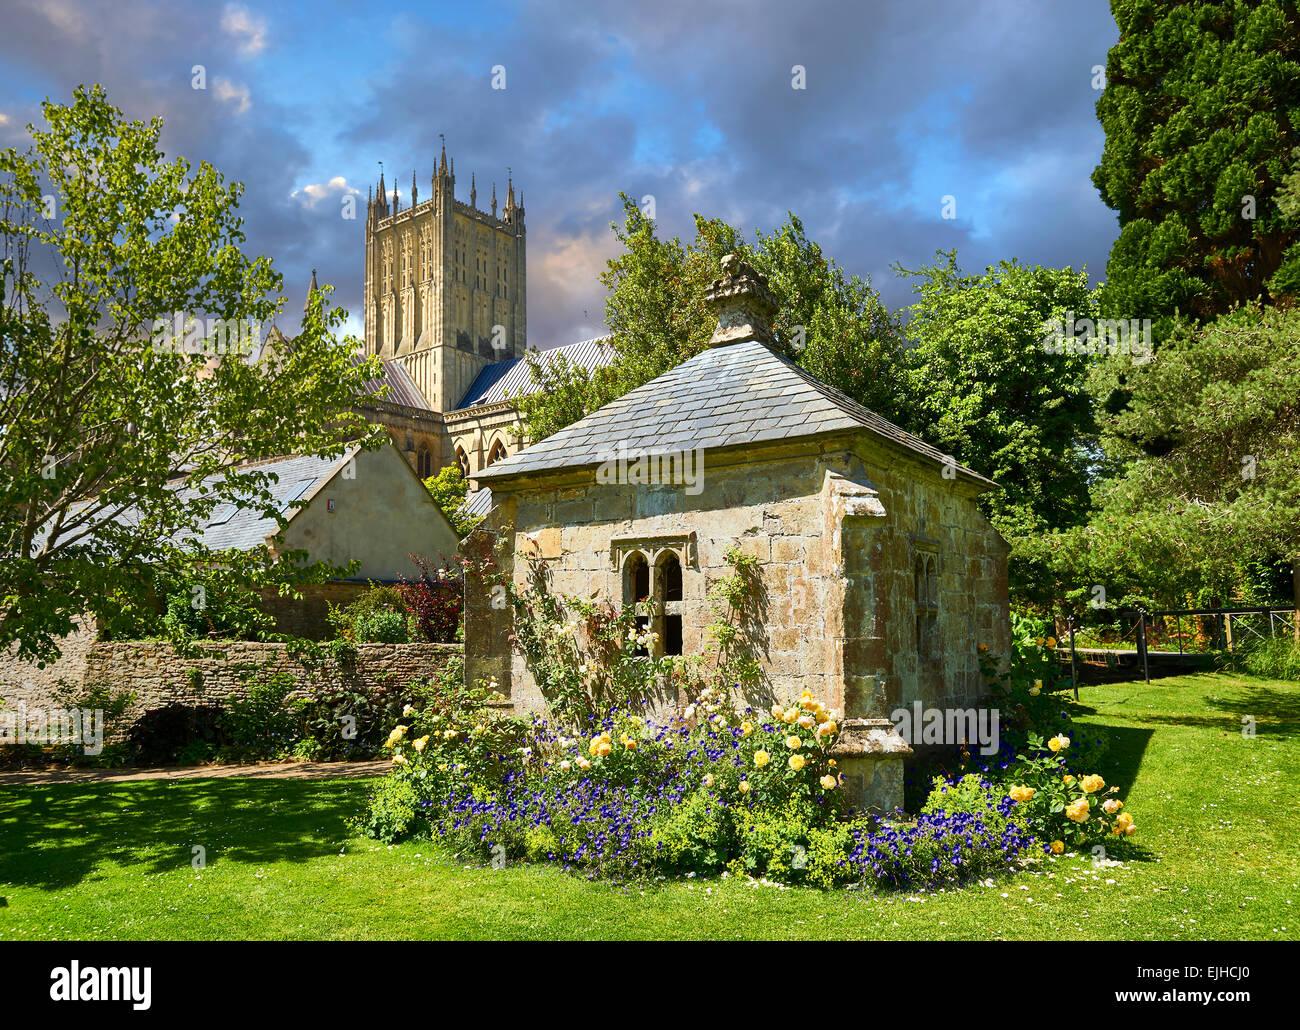 Jardins du palais des évêques de la cathédrale de Wells la cité médiévale construite au début du style gothique anglais en 1175, les puits Somerse Banque D'Images